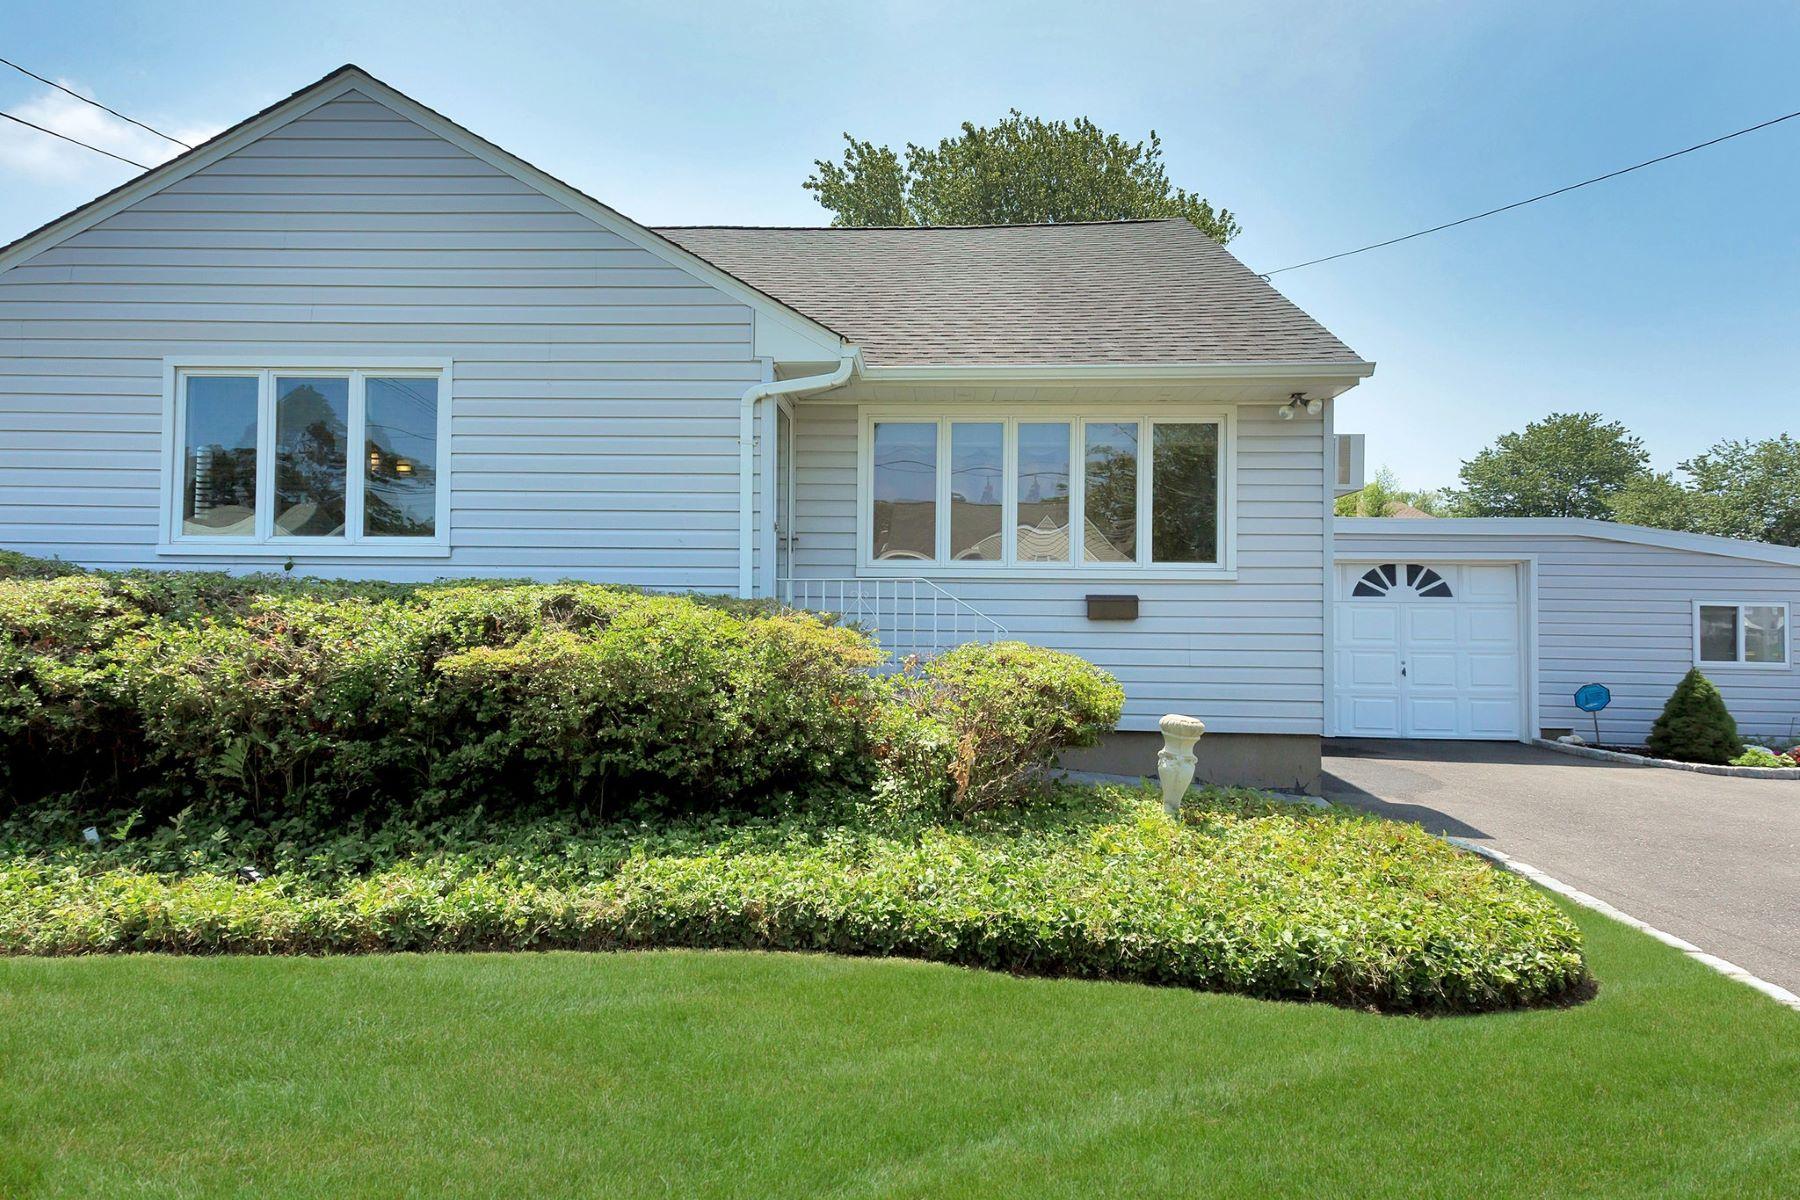 Single Family Homes for Sale at W. Babylon 20 Abbott St West Babylon, New York 11704 United States